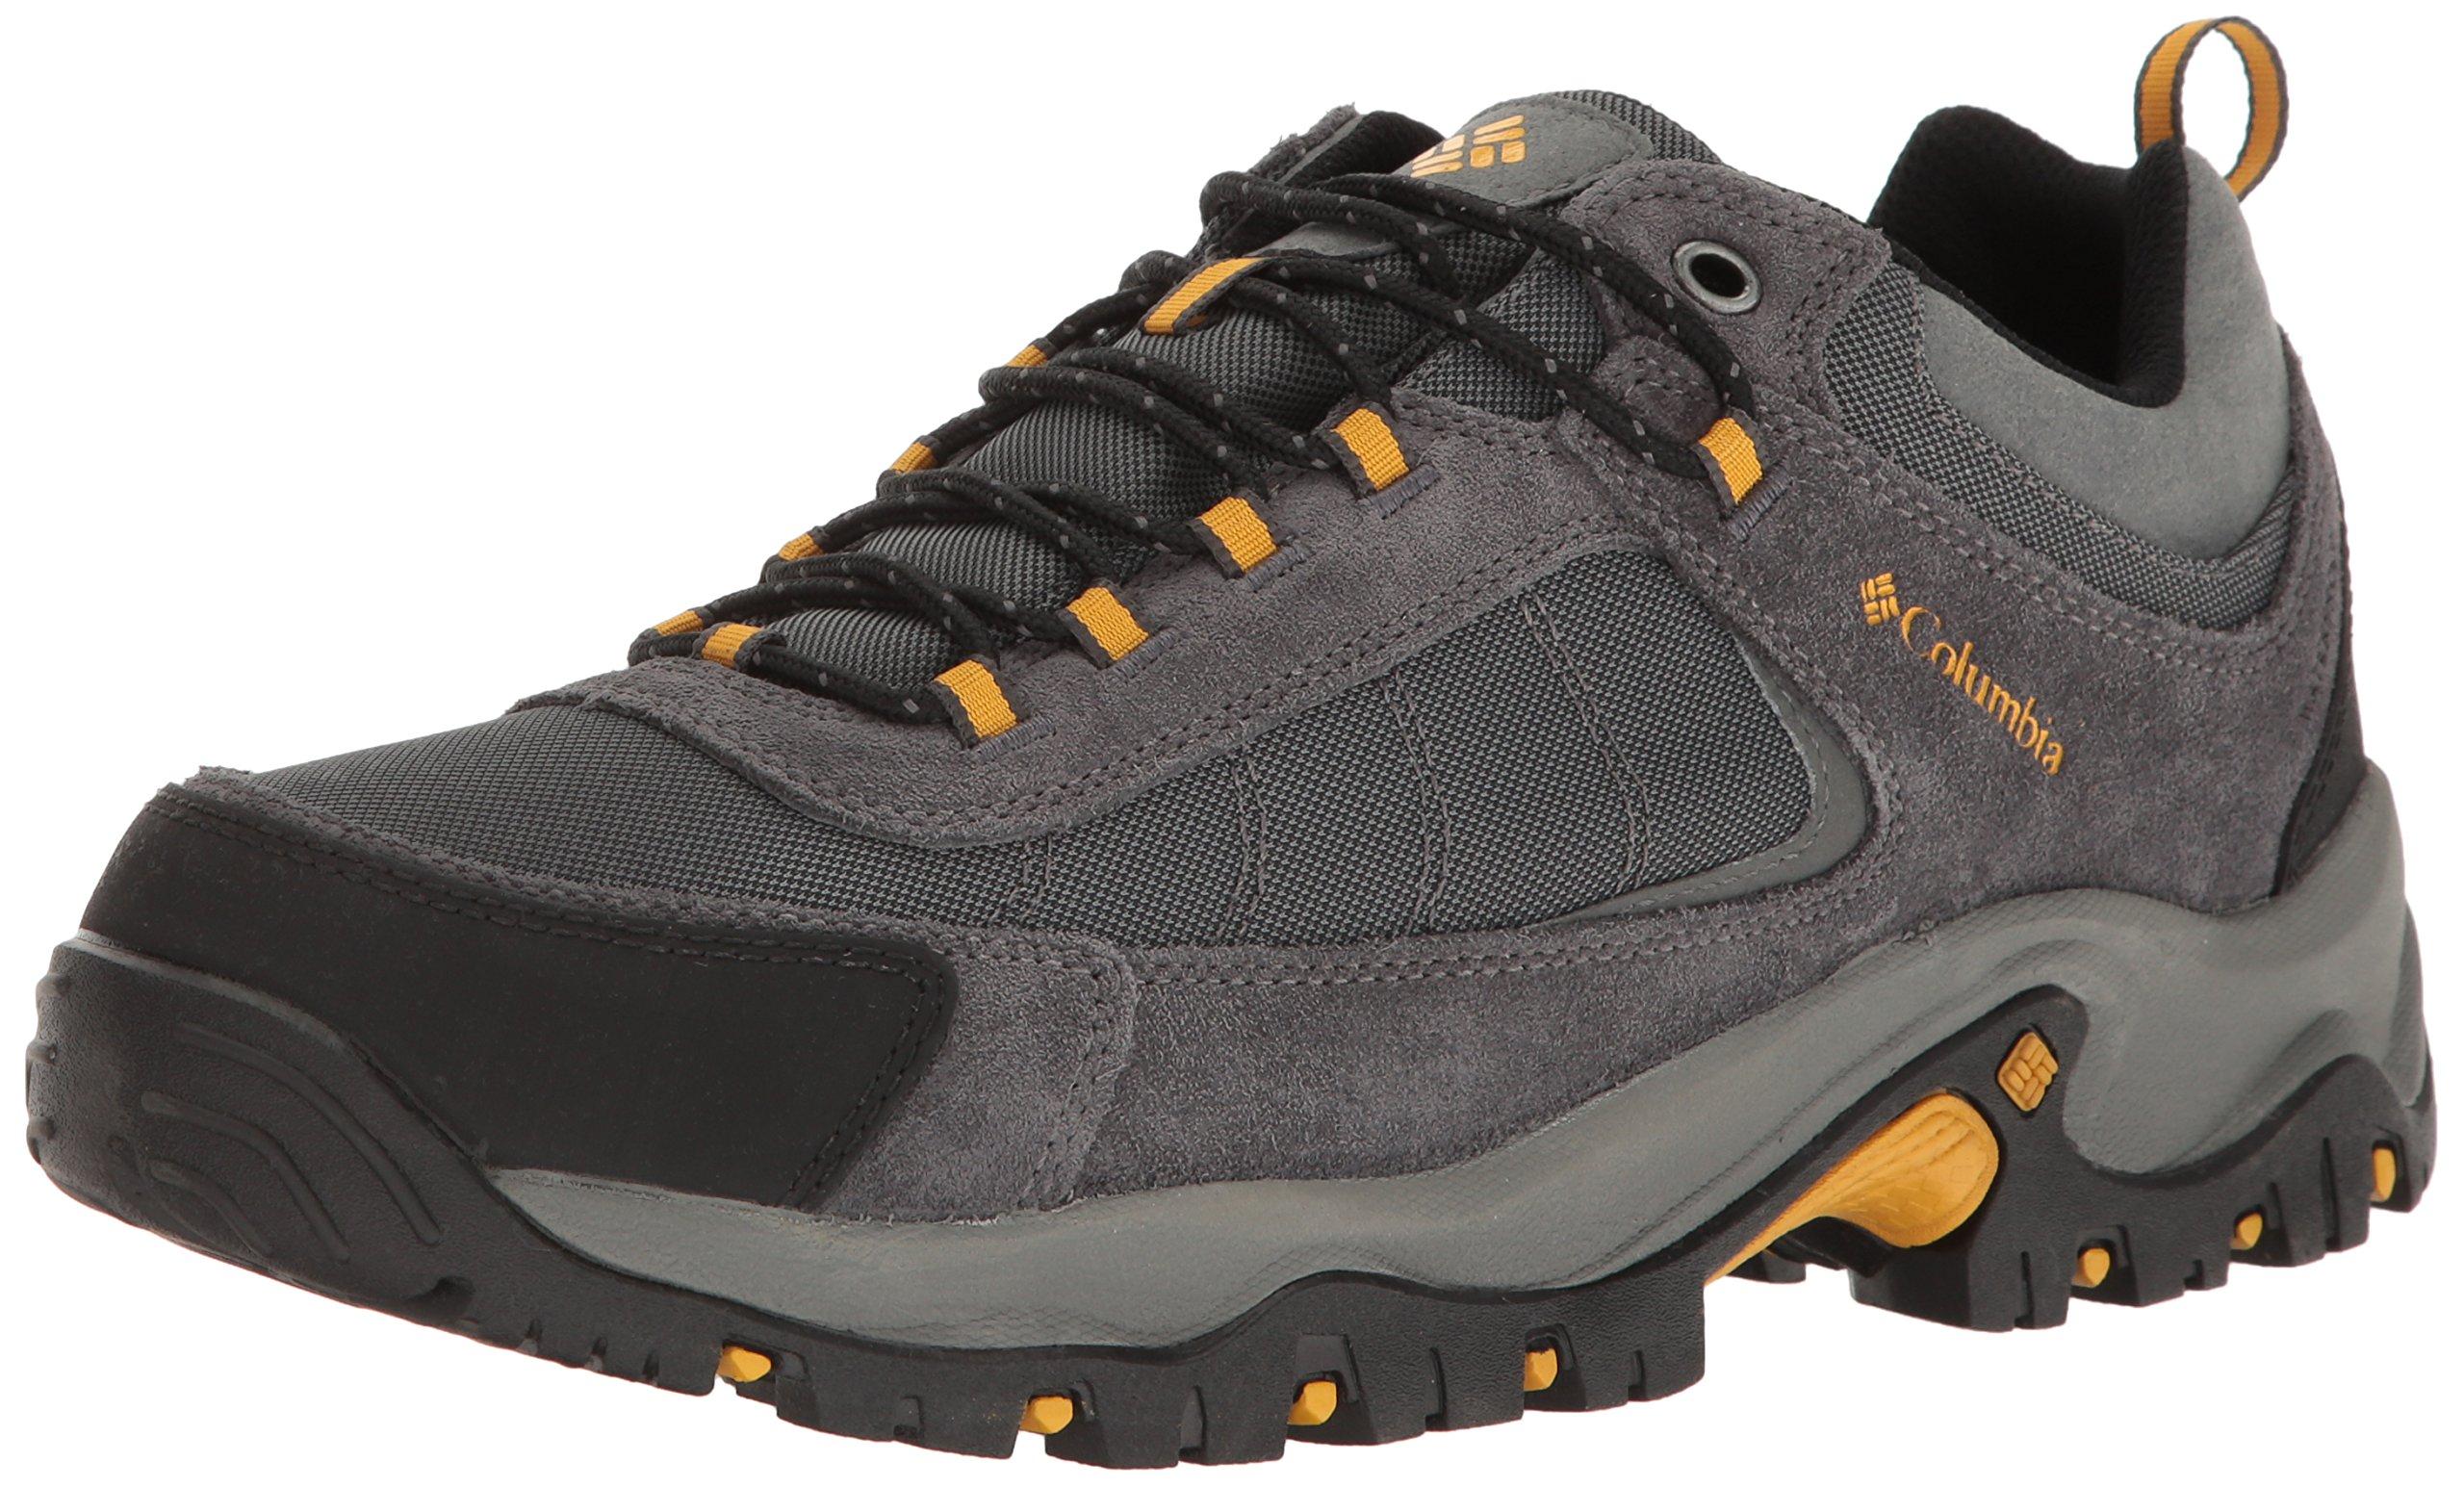 Columbia Men's Granite Ridge Waterproof Hiking Shoe Dark Grey, Golden Yellow 11 D US